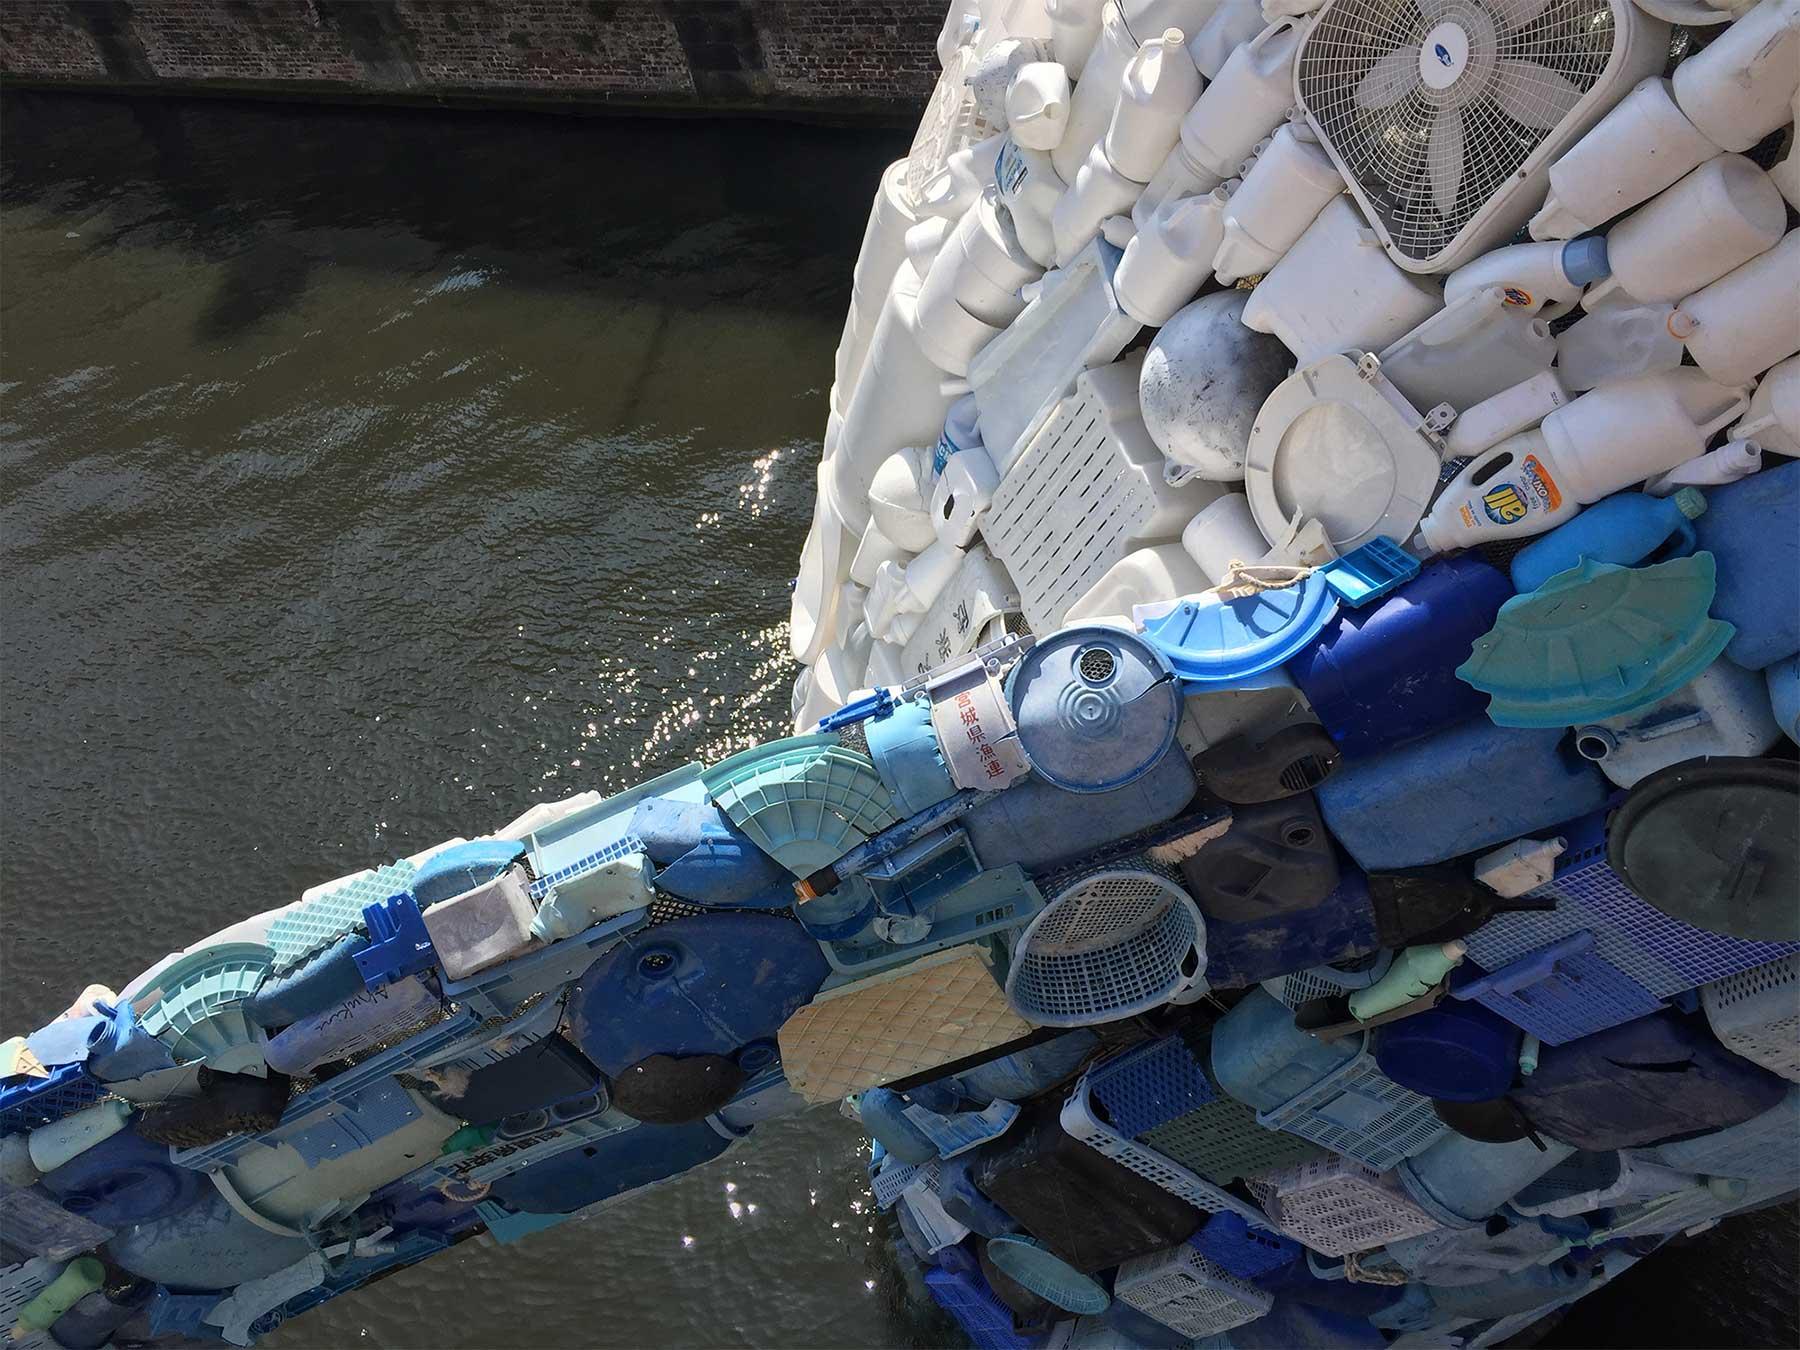 In Brügge steigt ein 11,5 Meter großer Wal aus Plastikmüll empor Skyscraper-bruegge-wal-aus-plastikmuell_05